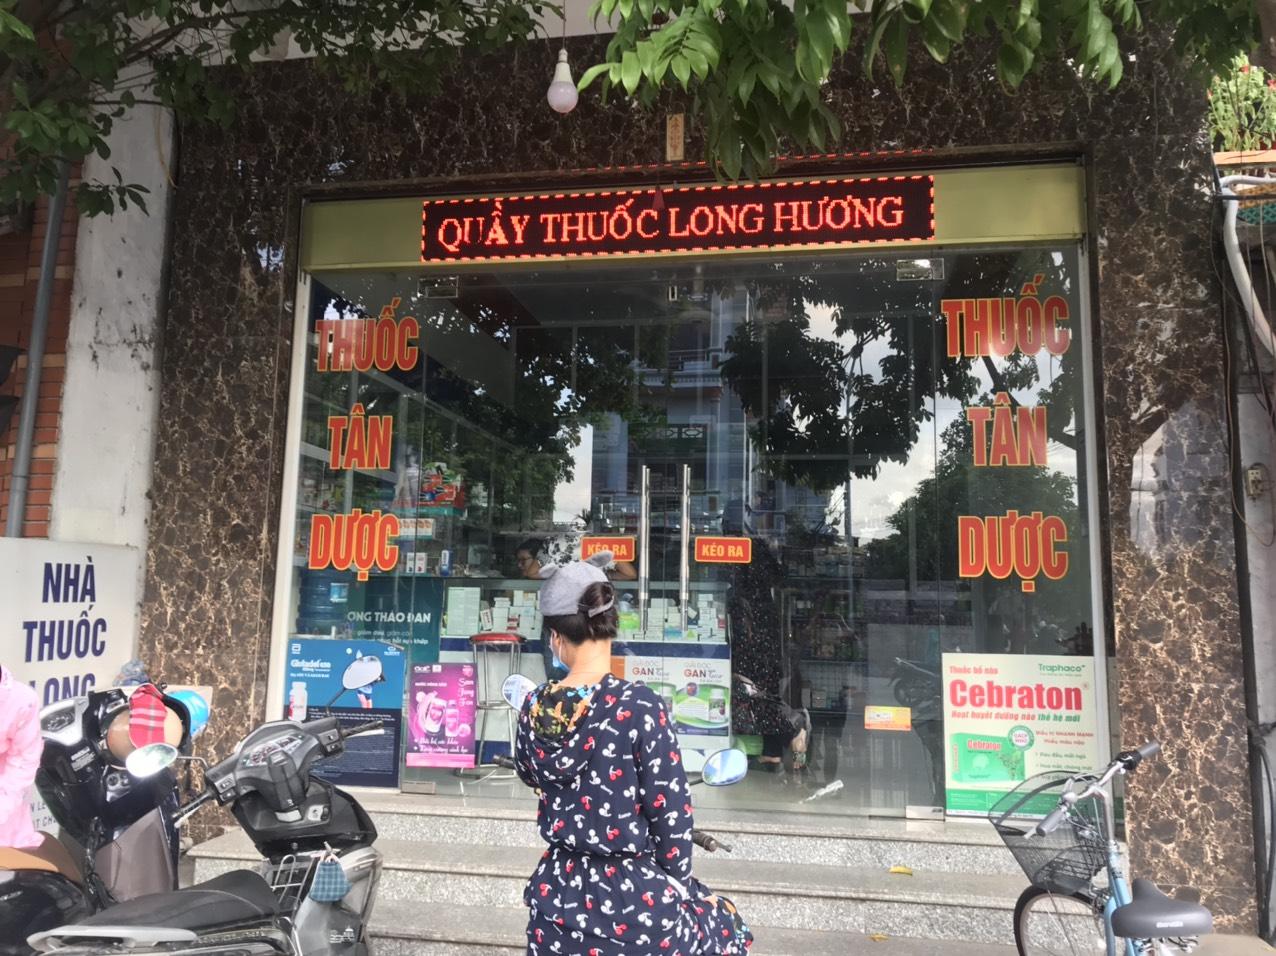 QT Long Hương